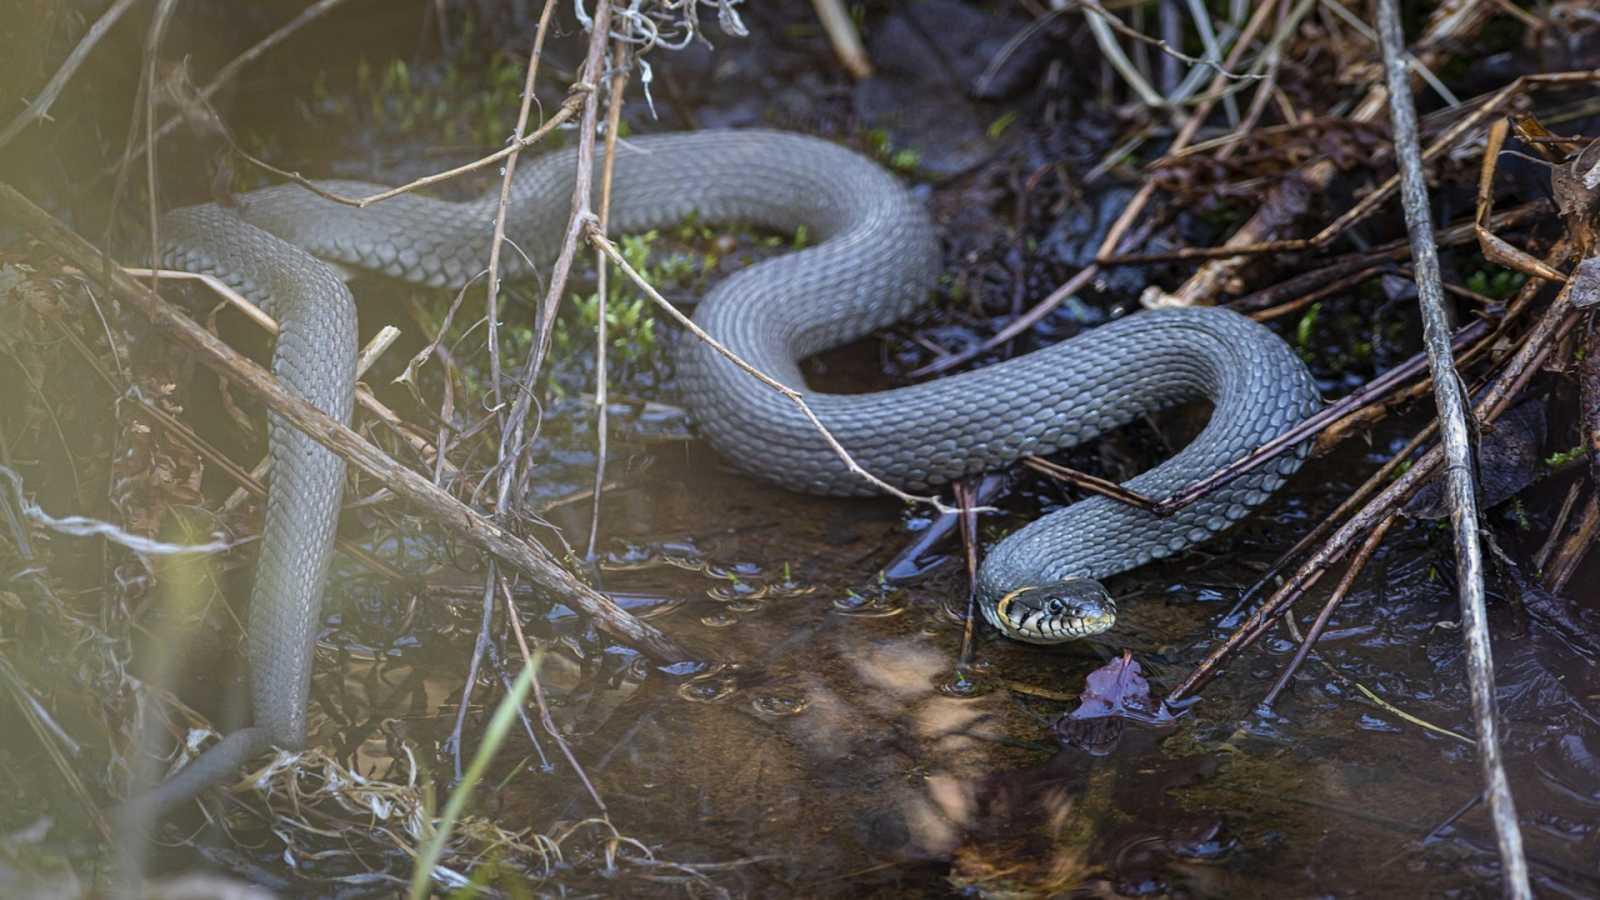 Esto me cuentan - El cazador y la serpiente - Escuchar ahora